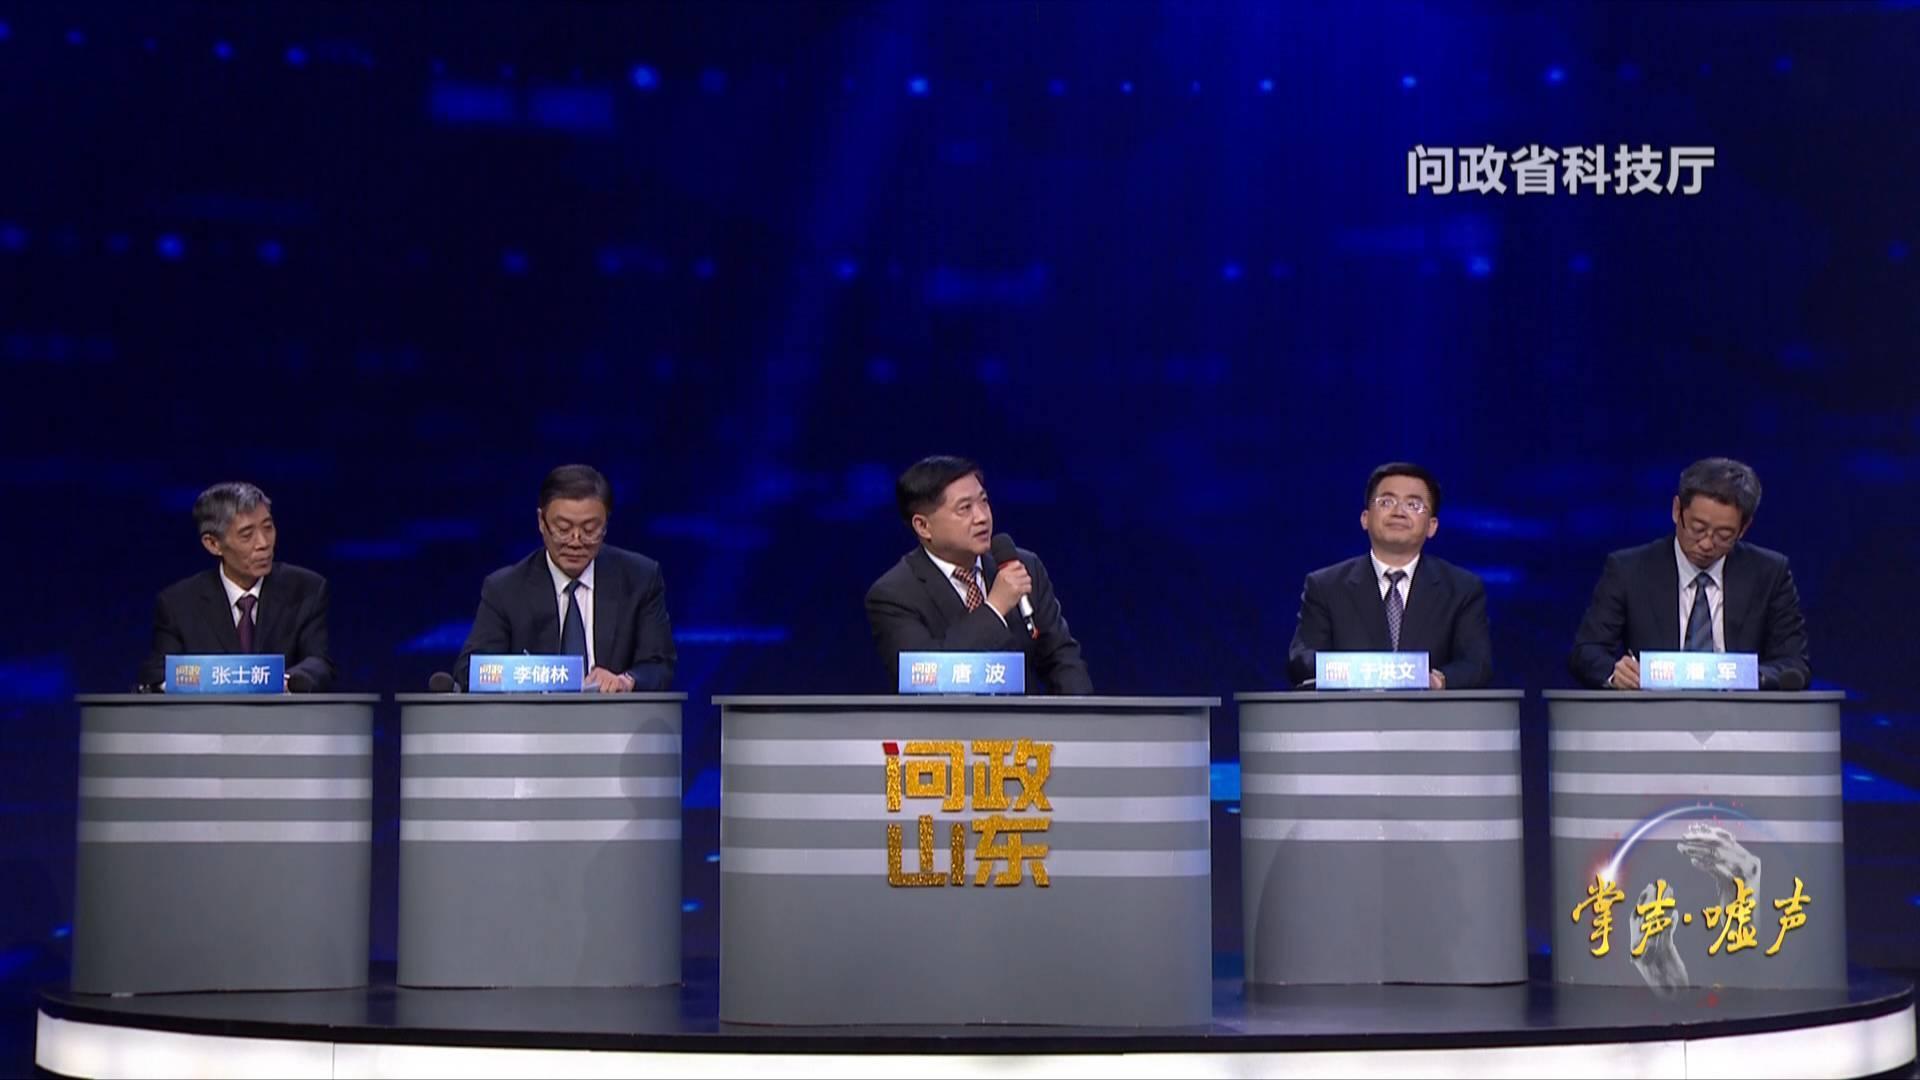 """2020中国视频节目年度""""掌声·嘘声""""丨《问政山东》获得2020第十届中国视频节目年度掌声节目"""